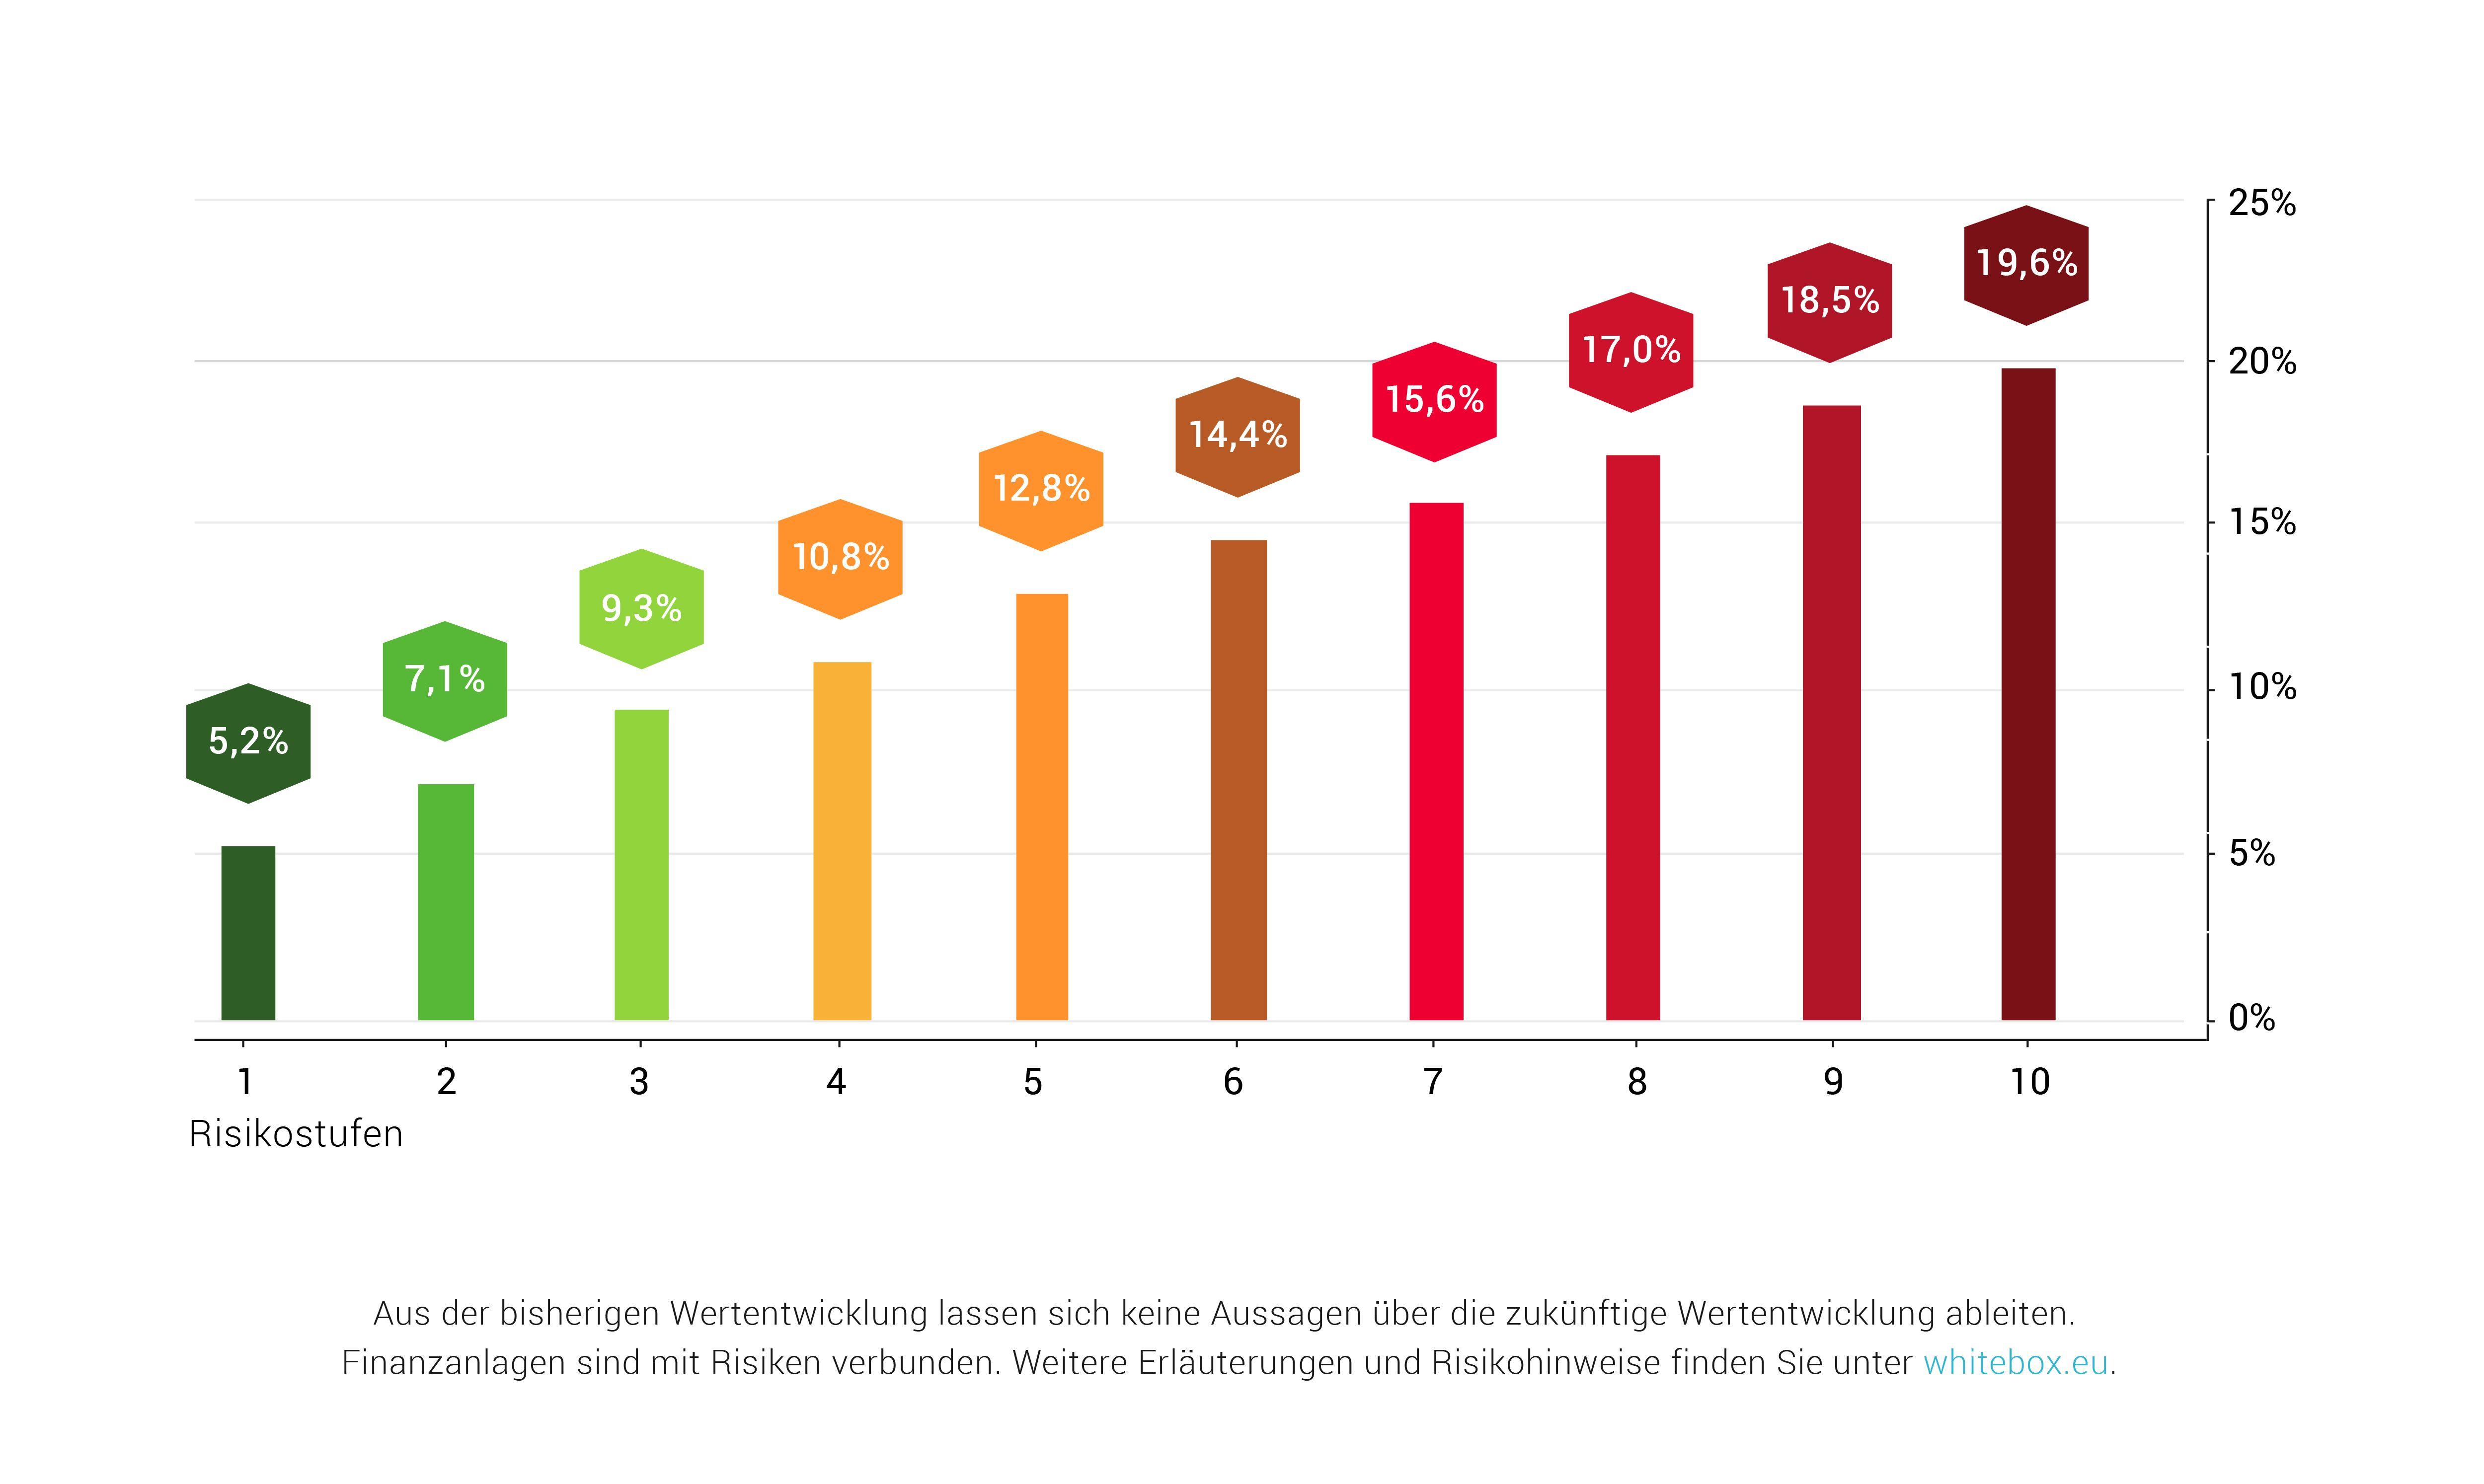 Zwischen 5,2 und 19,6 Prozent: die Whitebox-Rendite